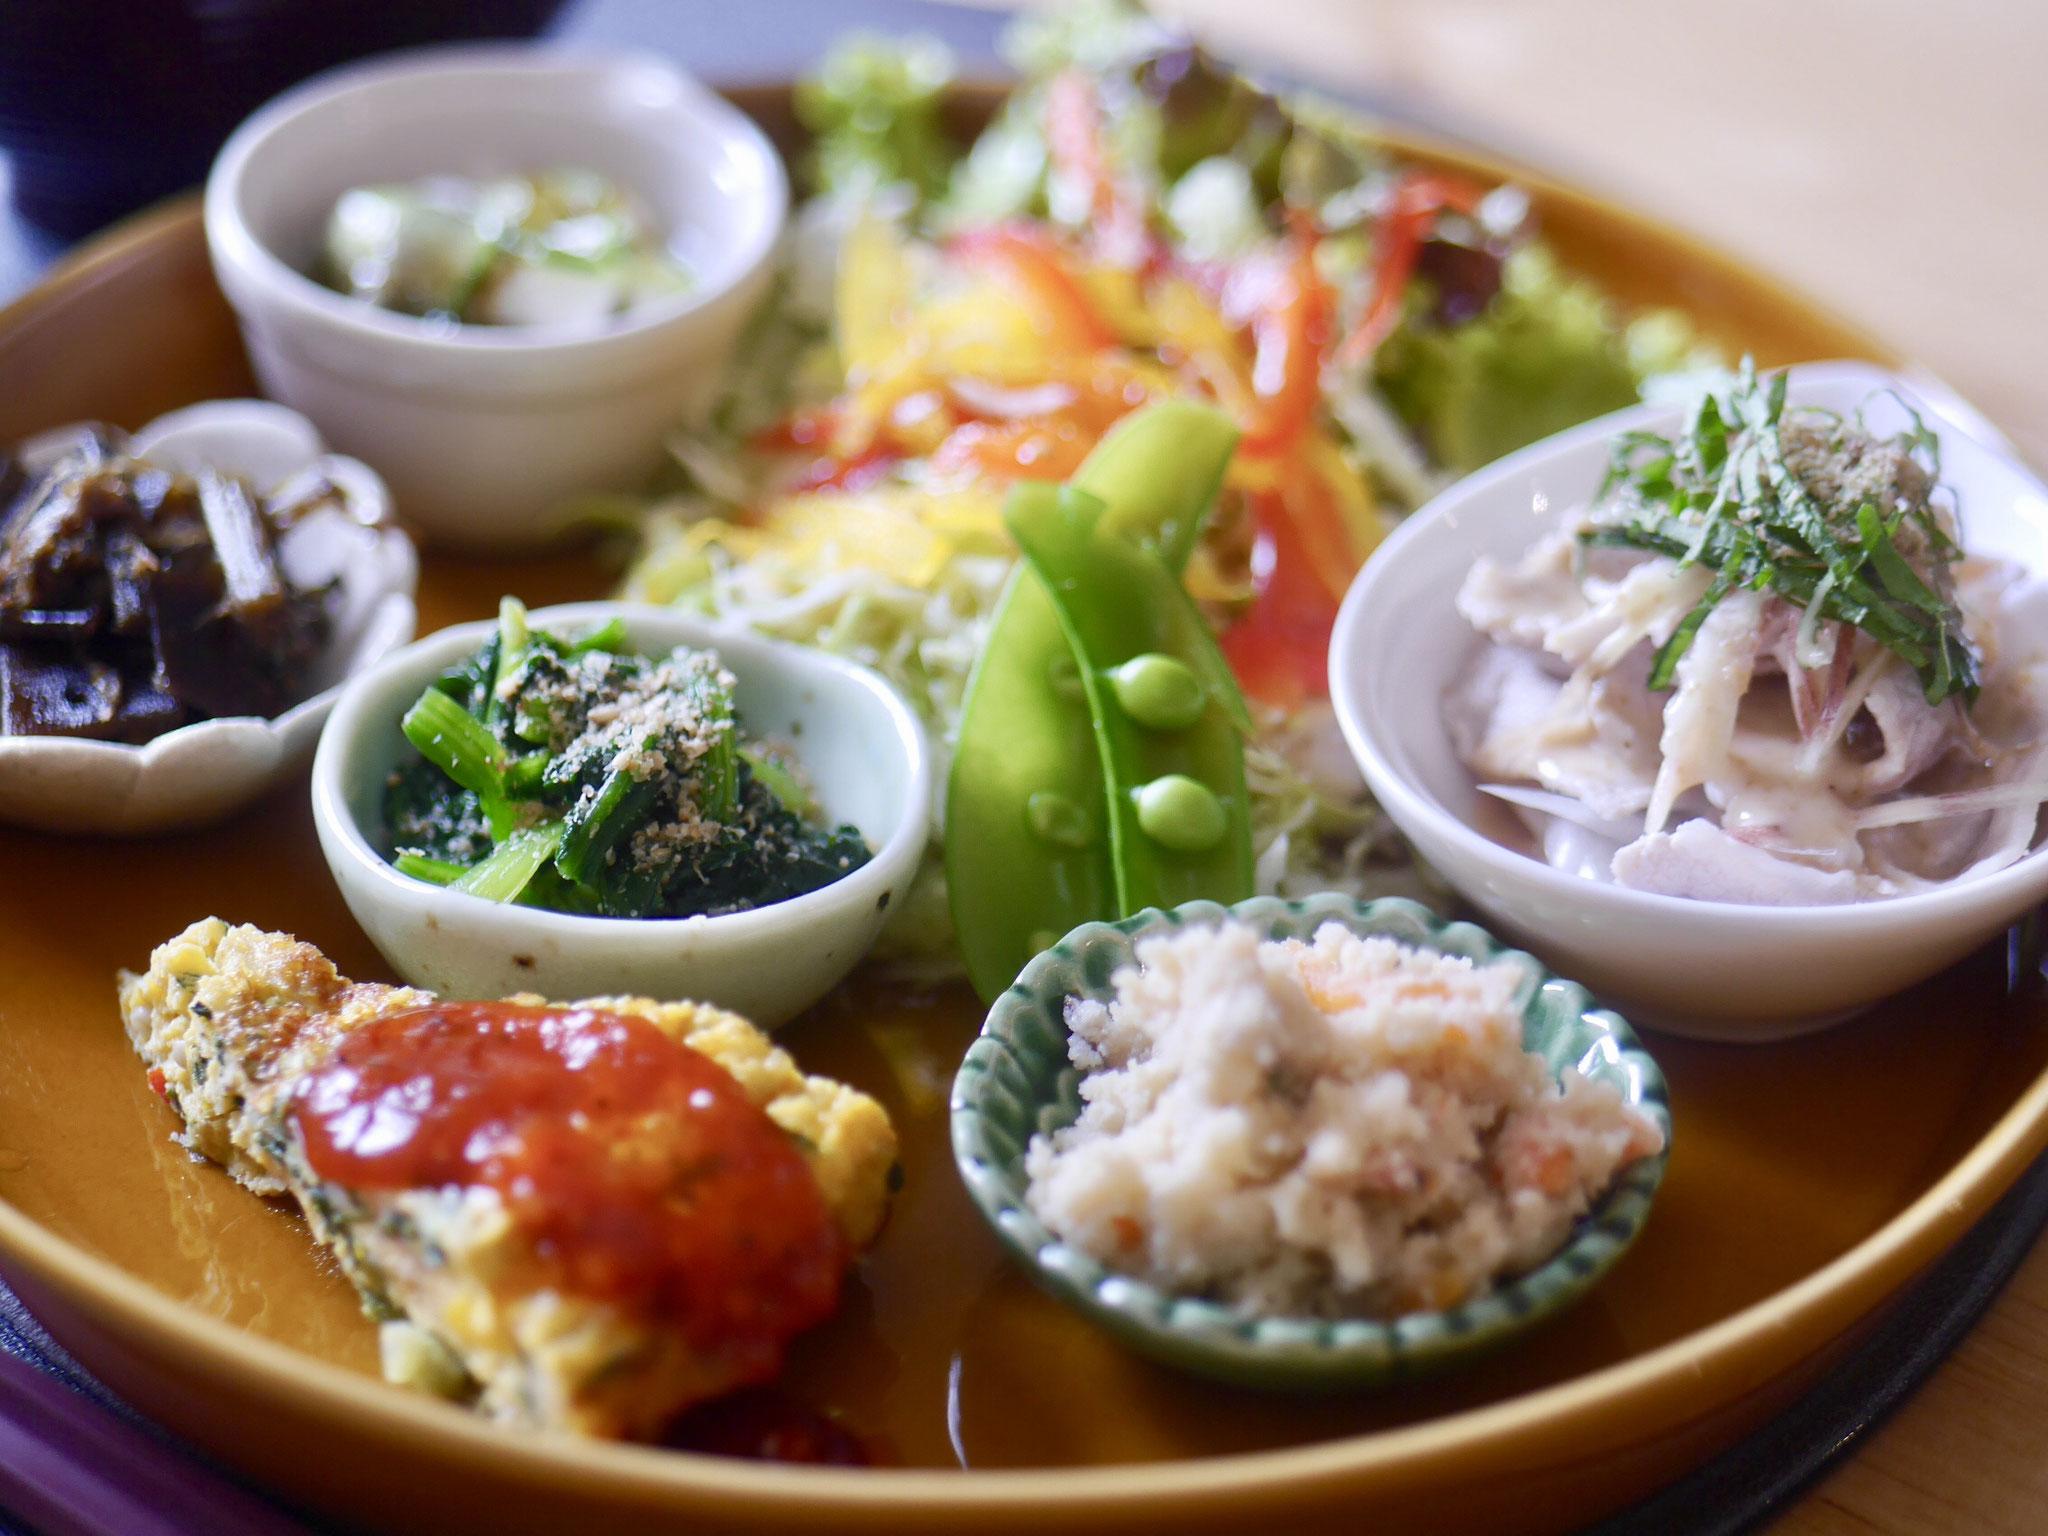 ナカリンCafeの和食ランチ、彩りを考えたお野菜たっぷりで、時には30品目越えの日も。。。